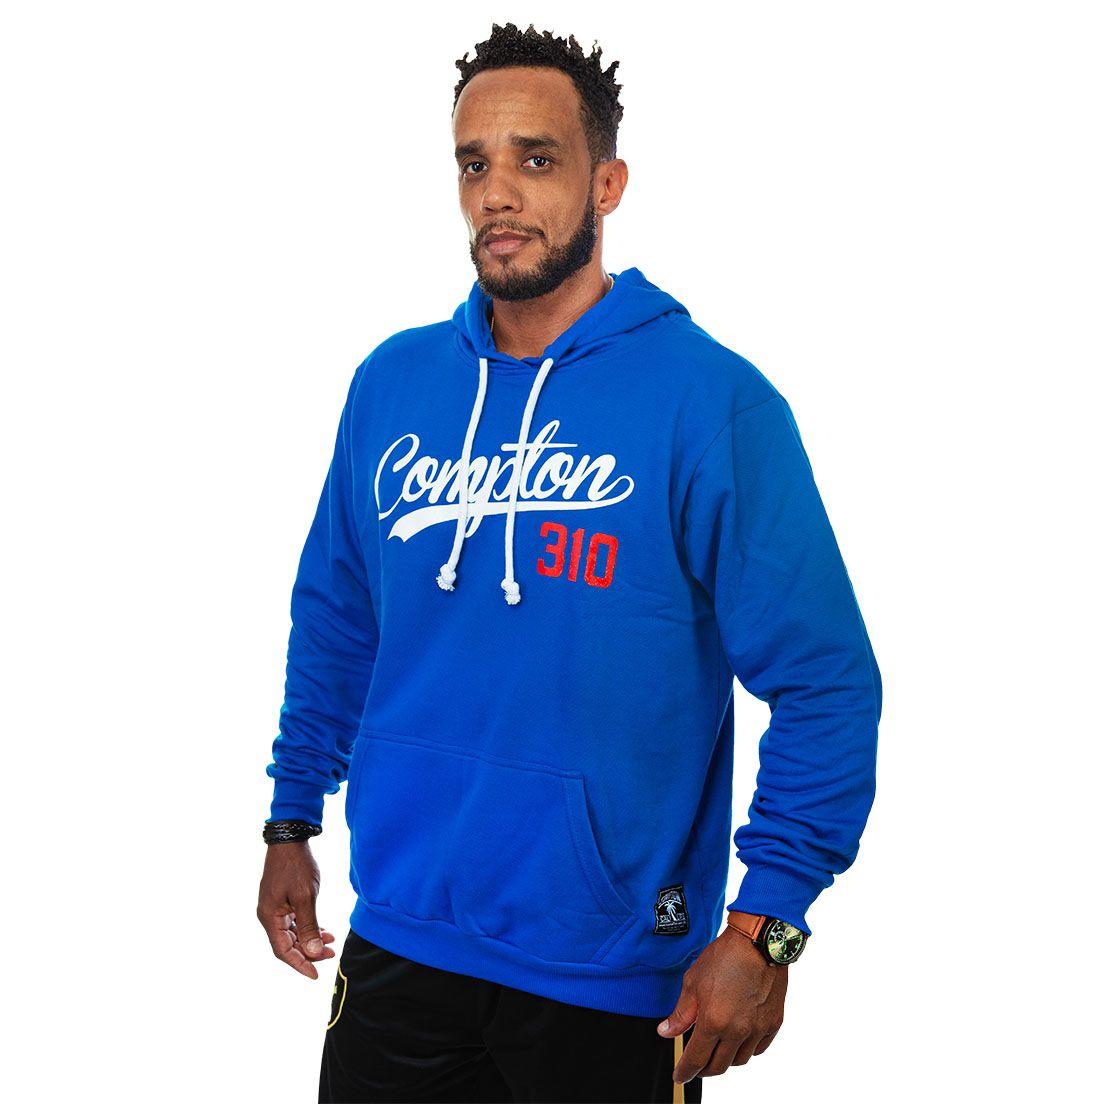 Moletom Compton 310 Canguru Com Capuz Azul